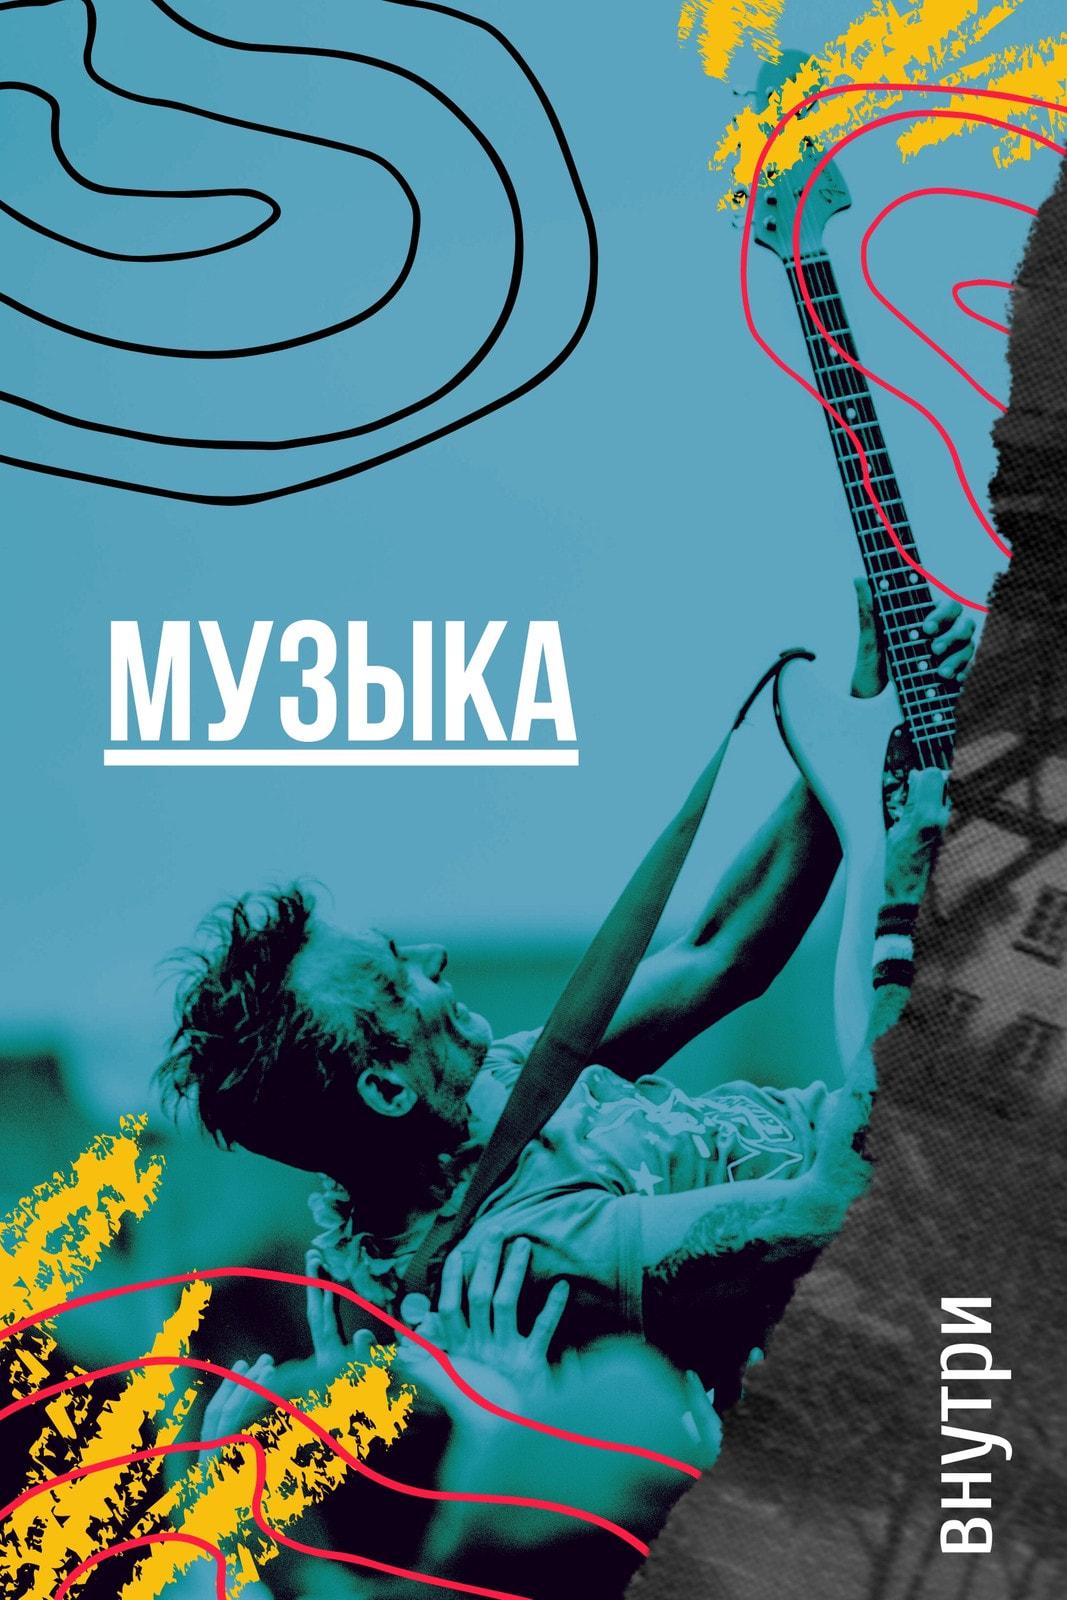 Голубое изображение профиля ВК с фотографией музыканта